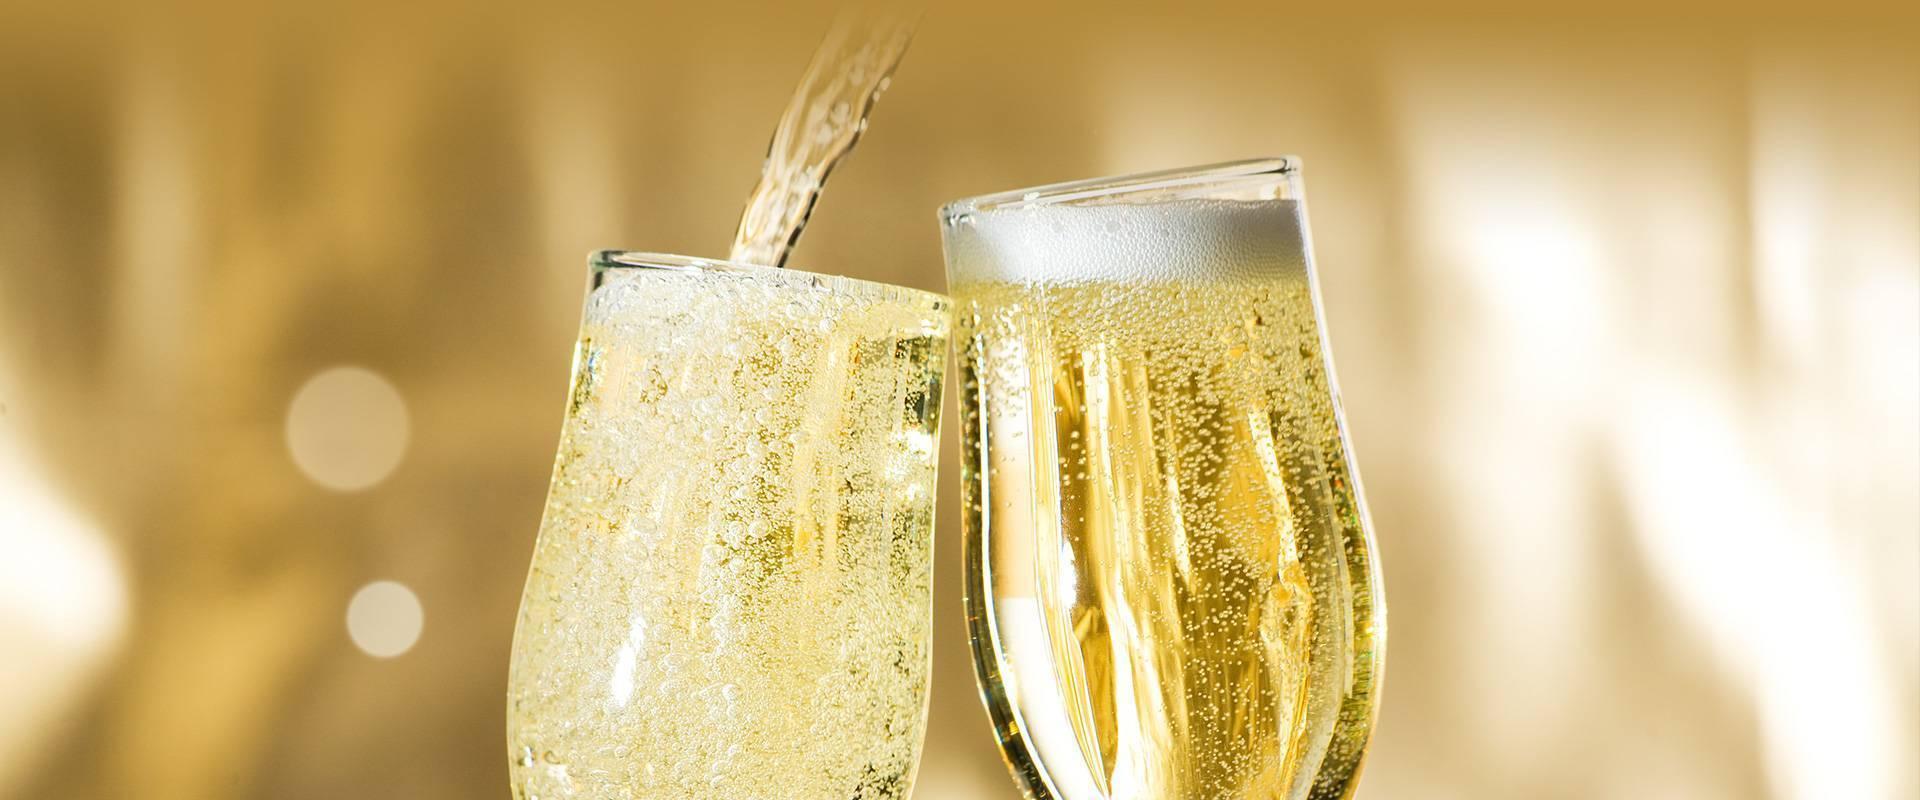 Какова должна быть высота бутылки шампанского и остальные параметры тары